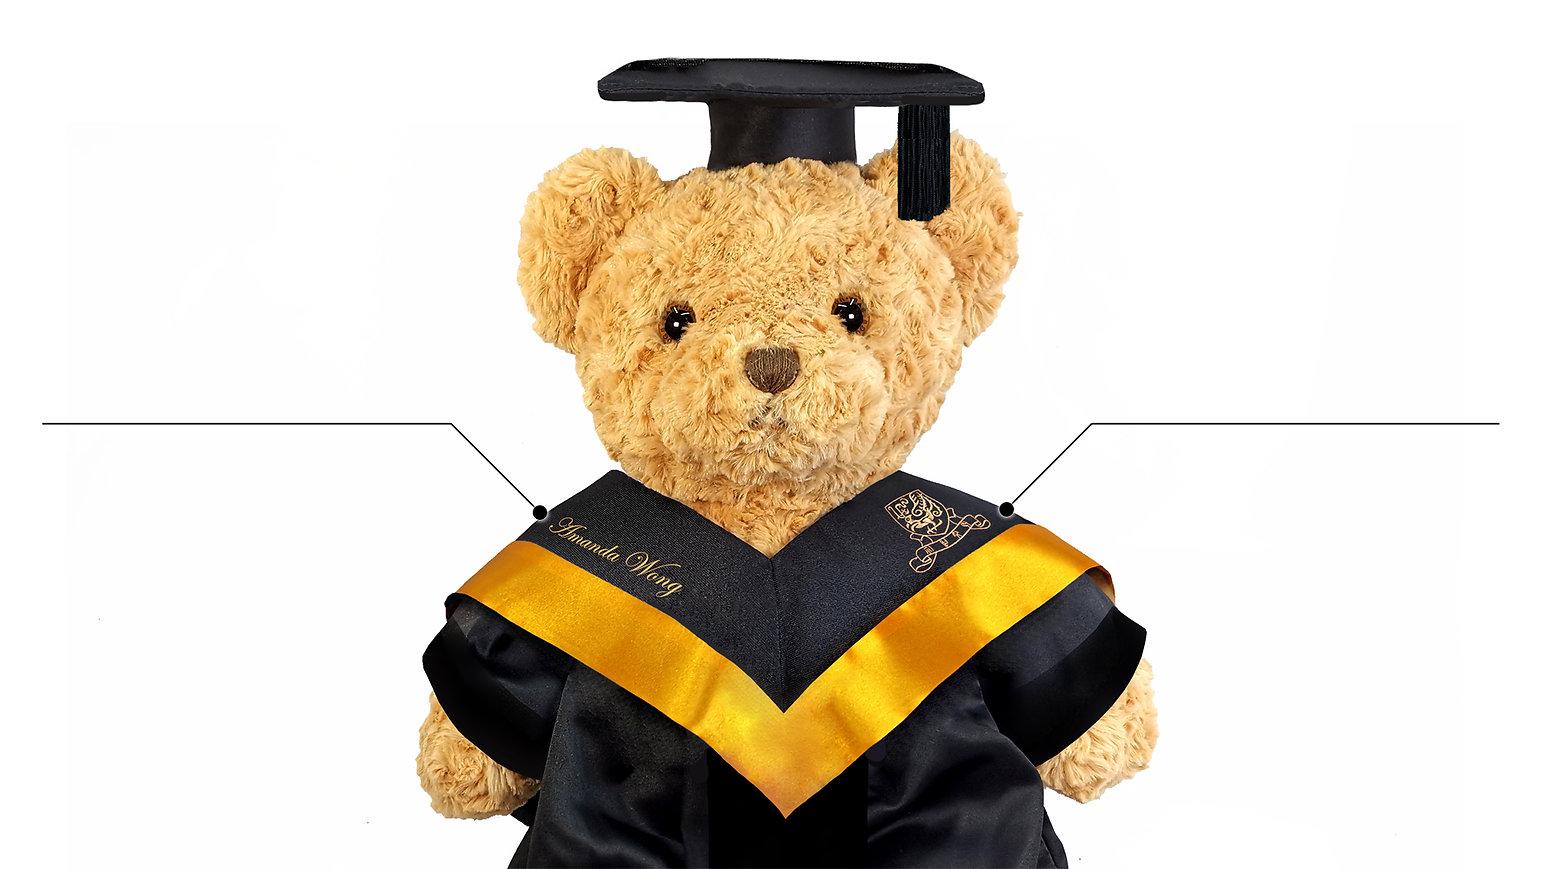 畢業熊、畢業公仔、大學畢業熊、中文大學畢業公仔、大學畢業袍、中學畢業袍、小學畢業袍、畢業典禮、畢業袍設計 |Academic Dress, Graduation Gown, University Academic Dress,Secondary School Academic Dress, Primary School Academic Dress